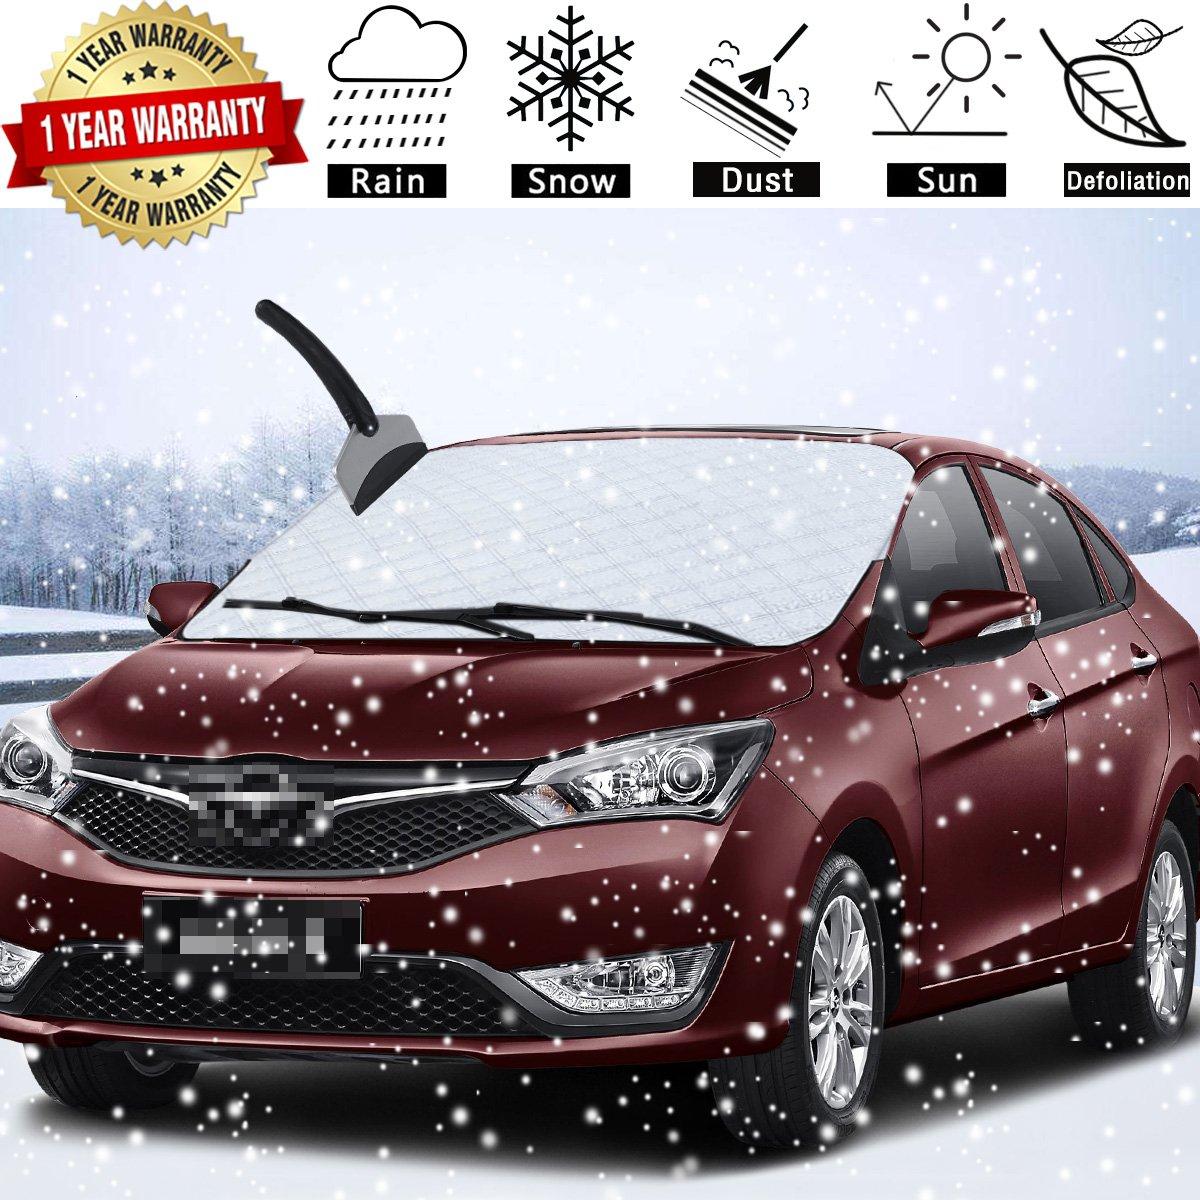 車フロントガラス雪カバー防水/防風/防塵/耐スクラッチ性Frostからデザイン、フロントガラス保護し、ワイパーガードプロテクター、Iceカバーほとんどの車/ SUV、雪、氷とFrost Build Up B077ZQ65FS